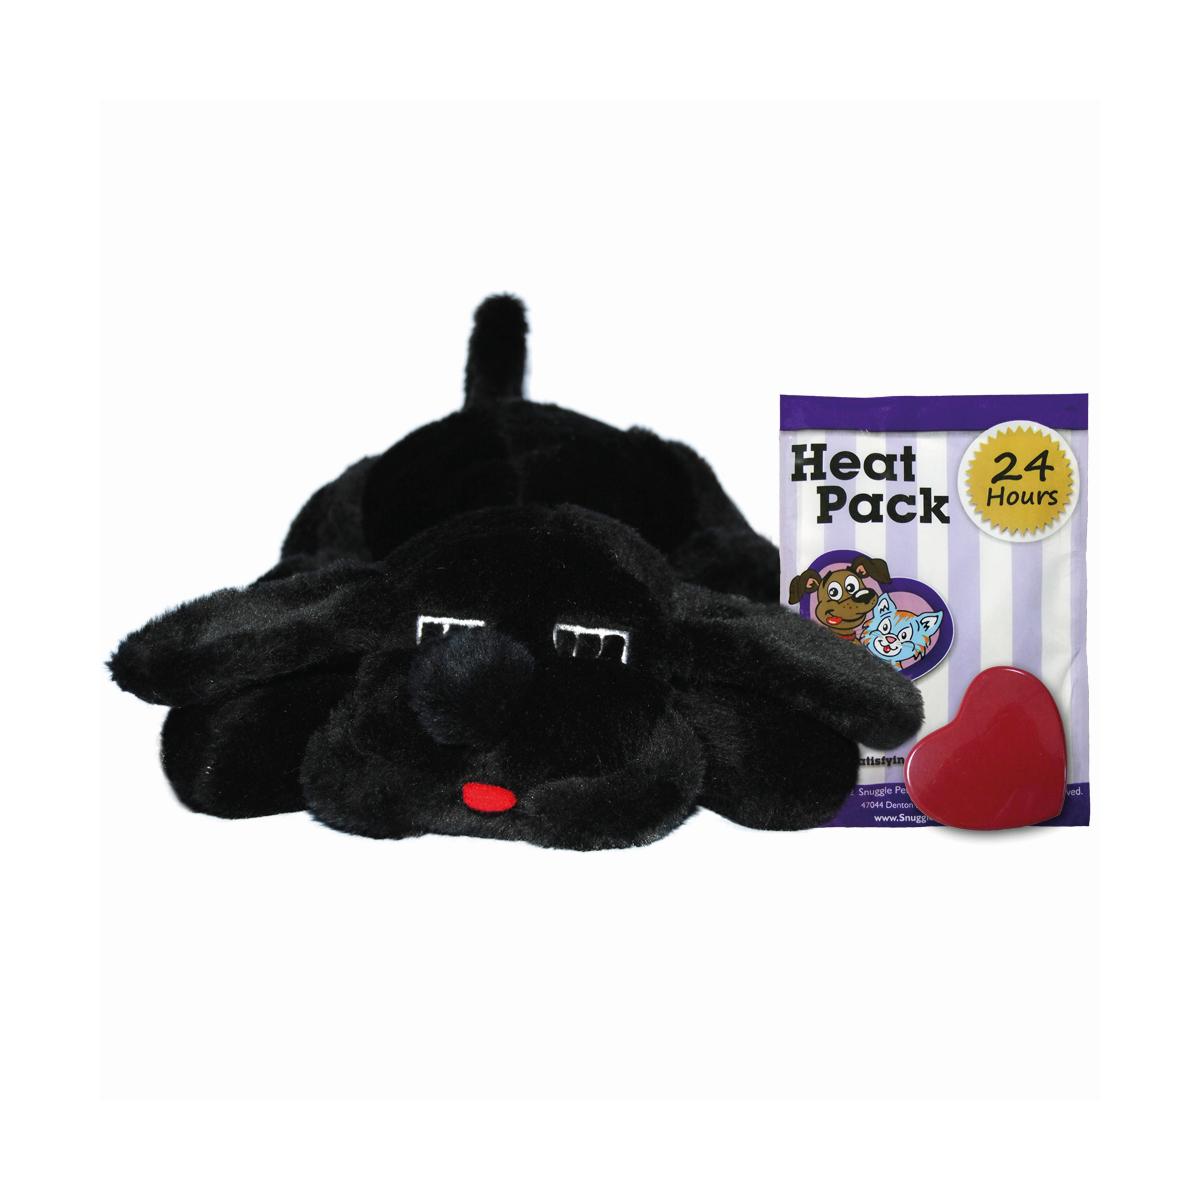 Snuggle puppy -kalmerende knuffel zwart